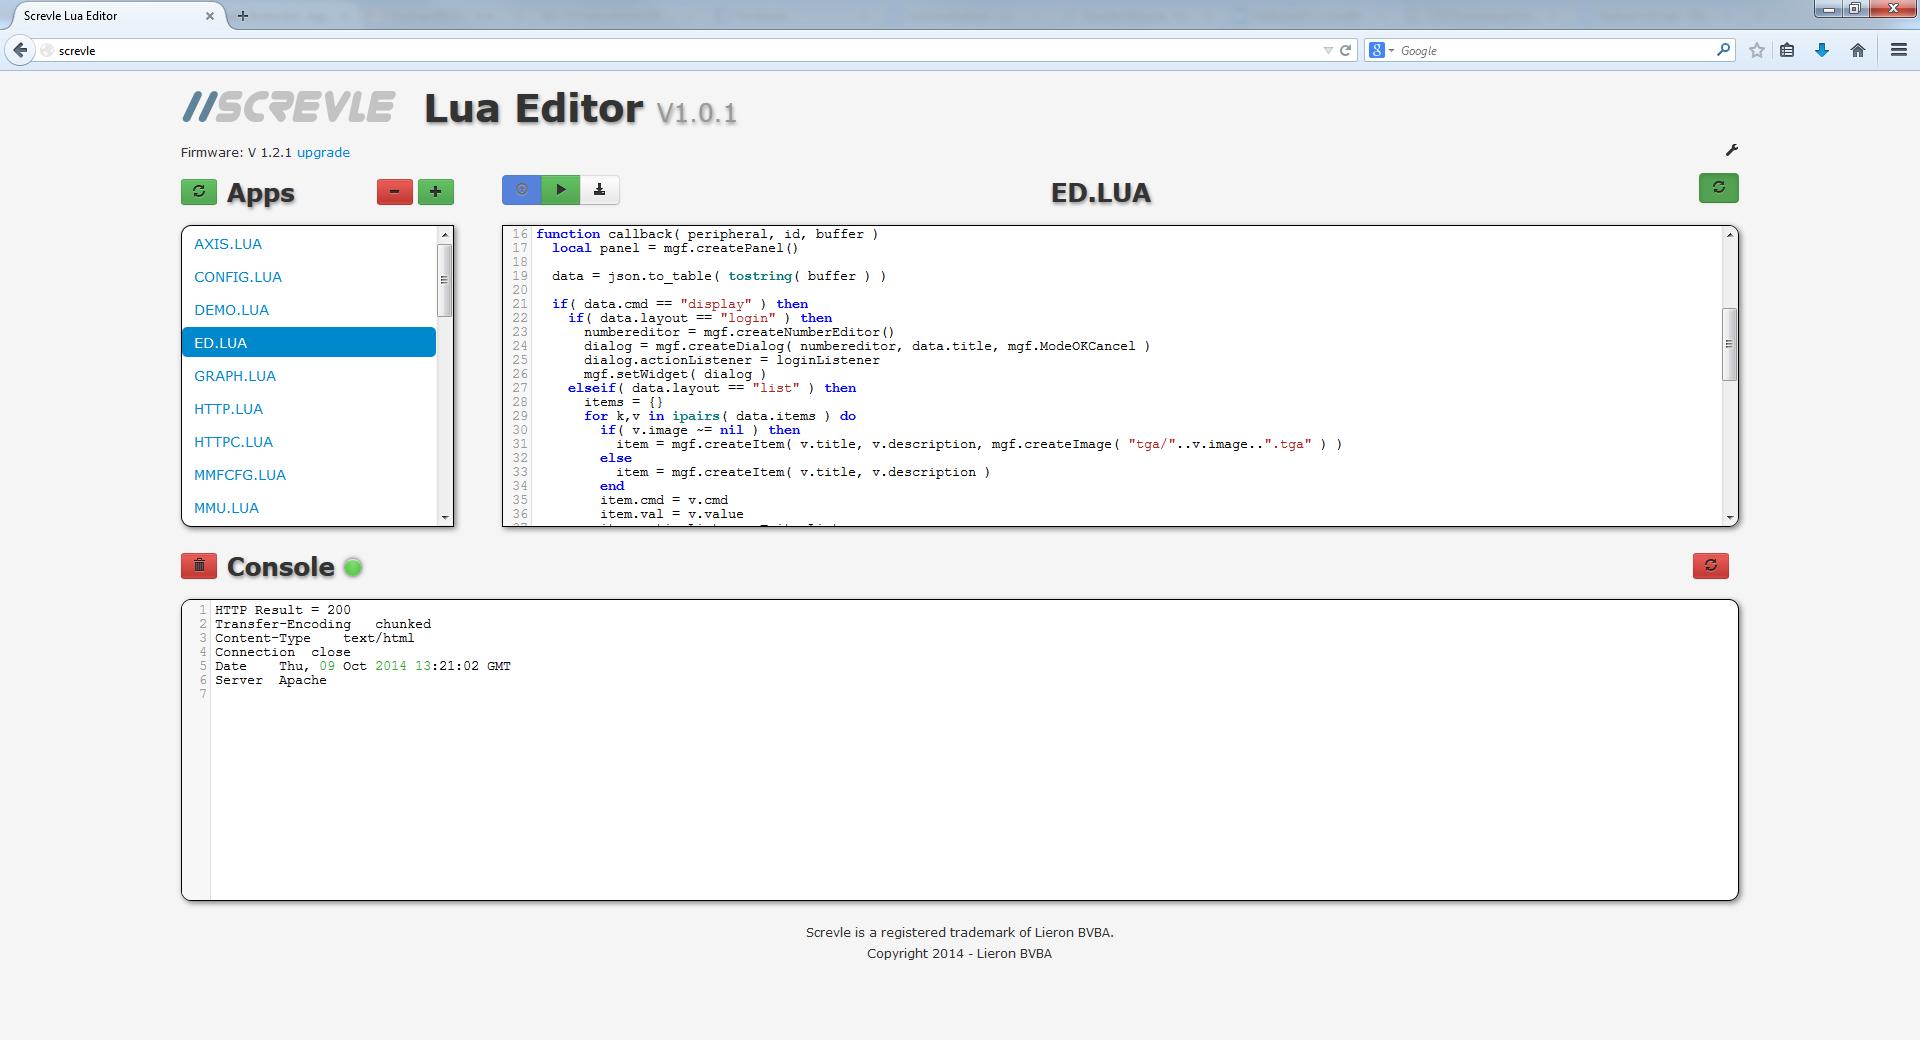 Screvle | Software_old